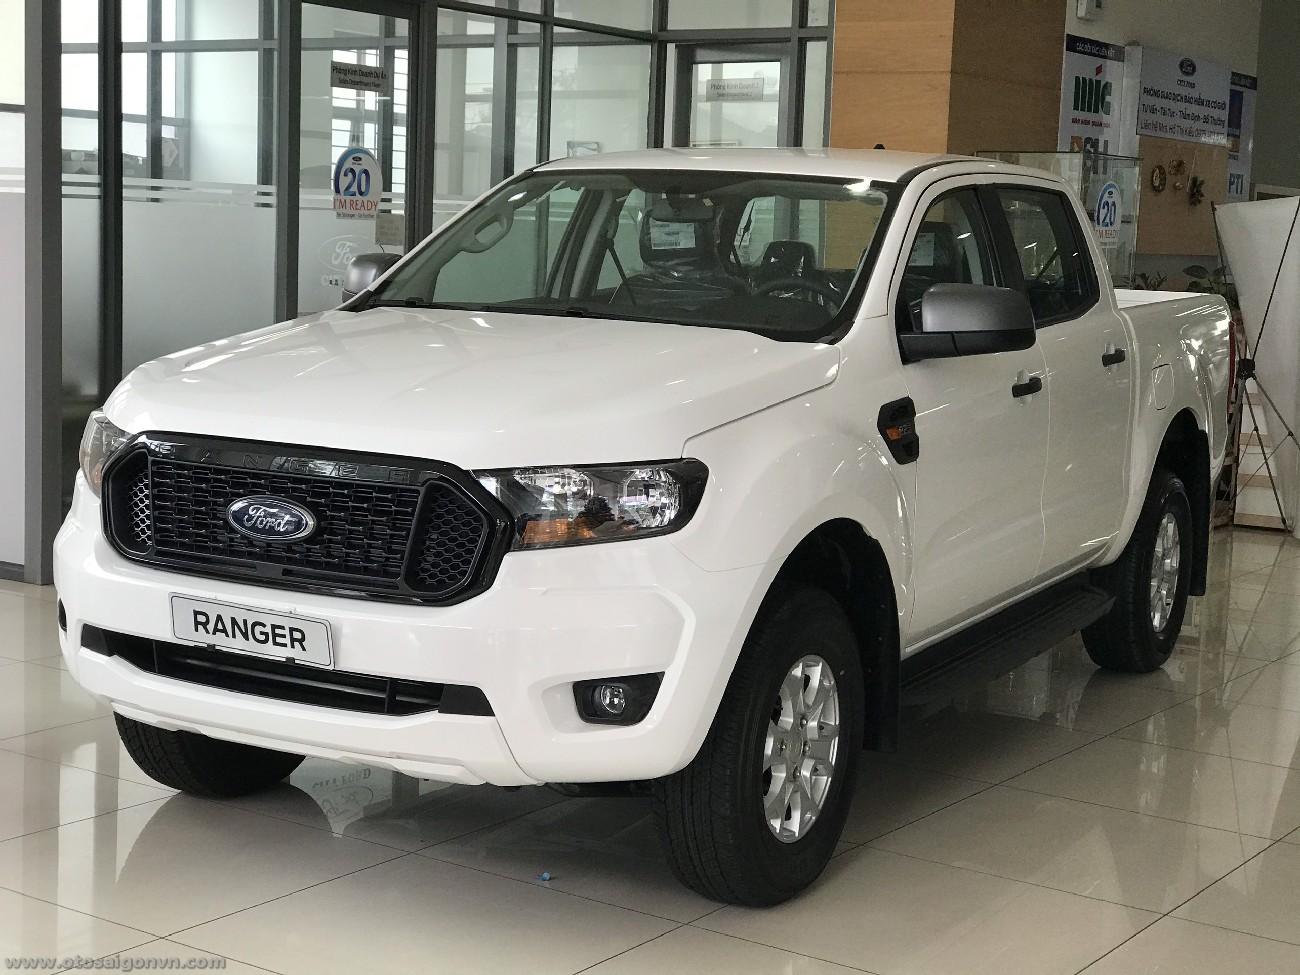 Ford Ranger XLS 2.2L 4x2 AT 2021 1 cầu số tự động mới giao ngay. 12